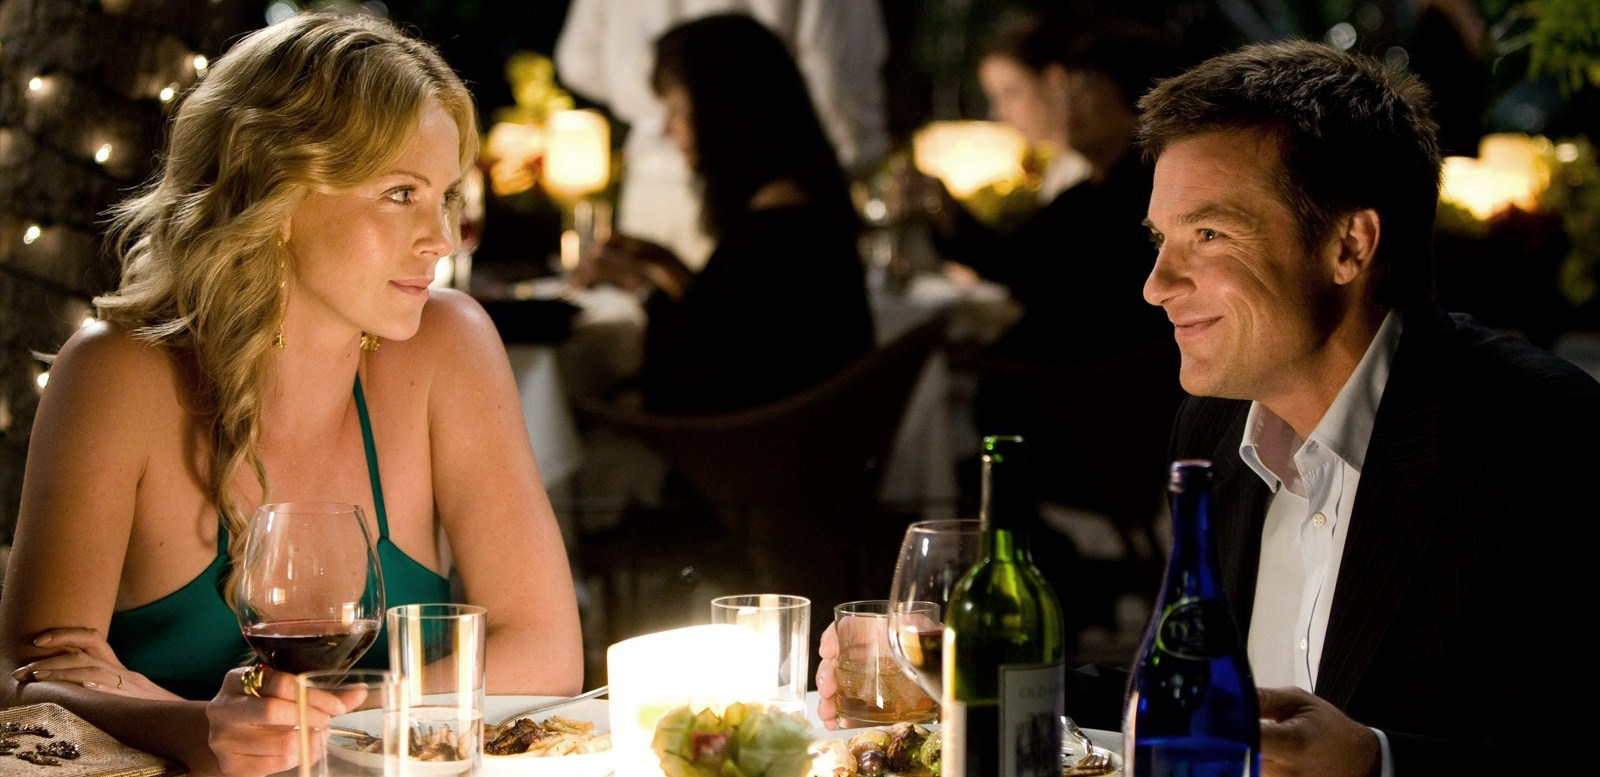 dinner-date1.jpg